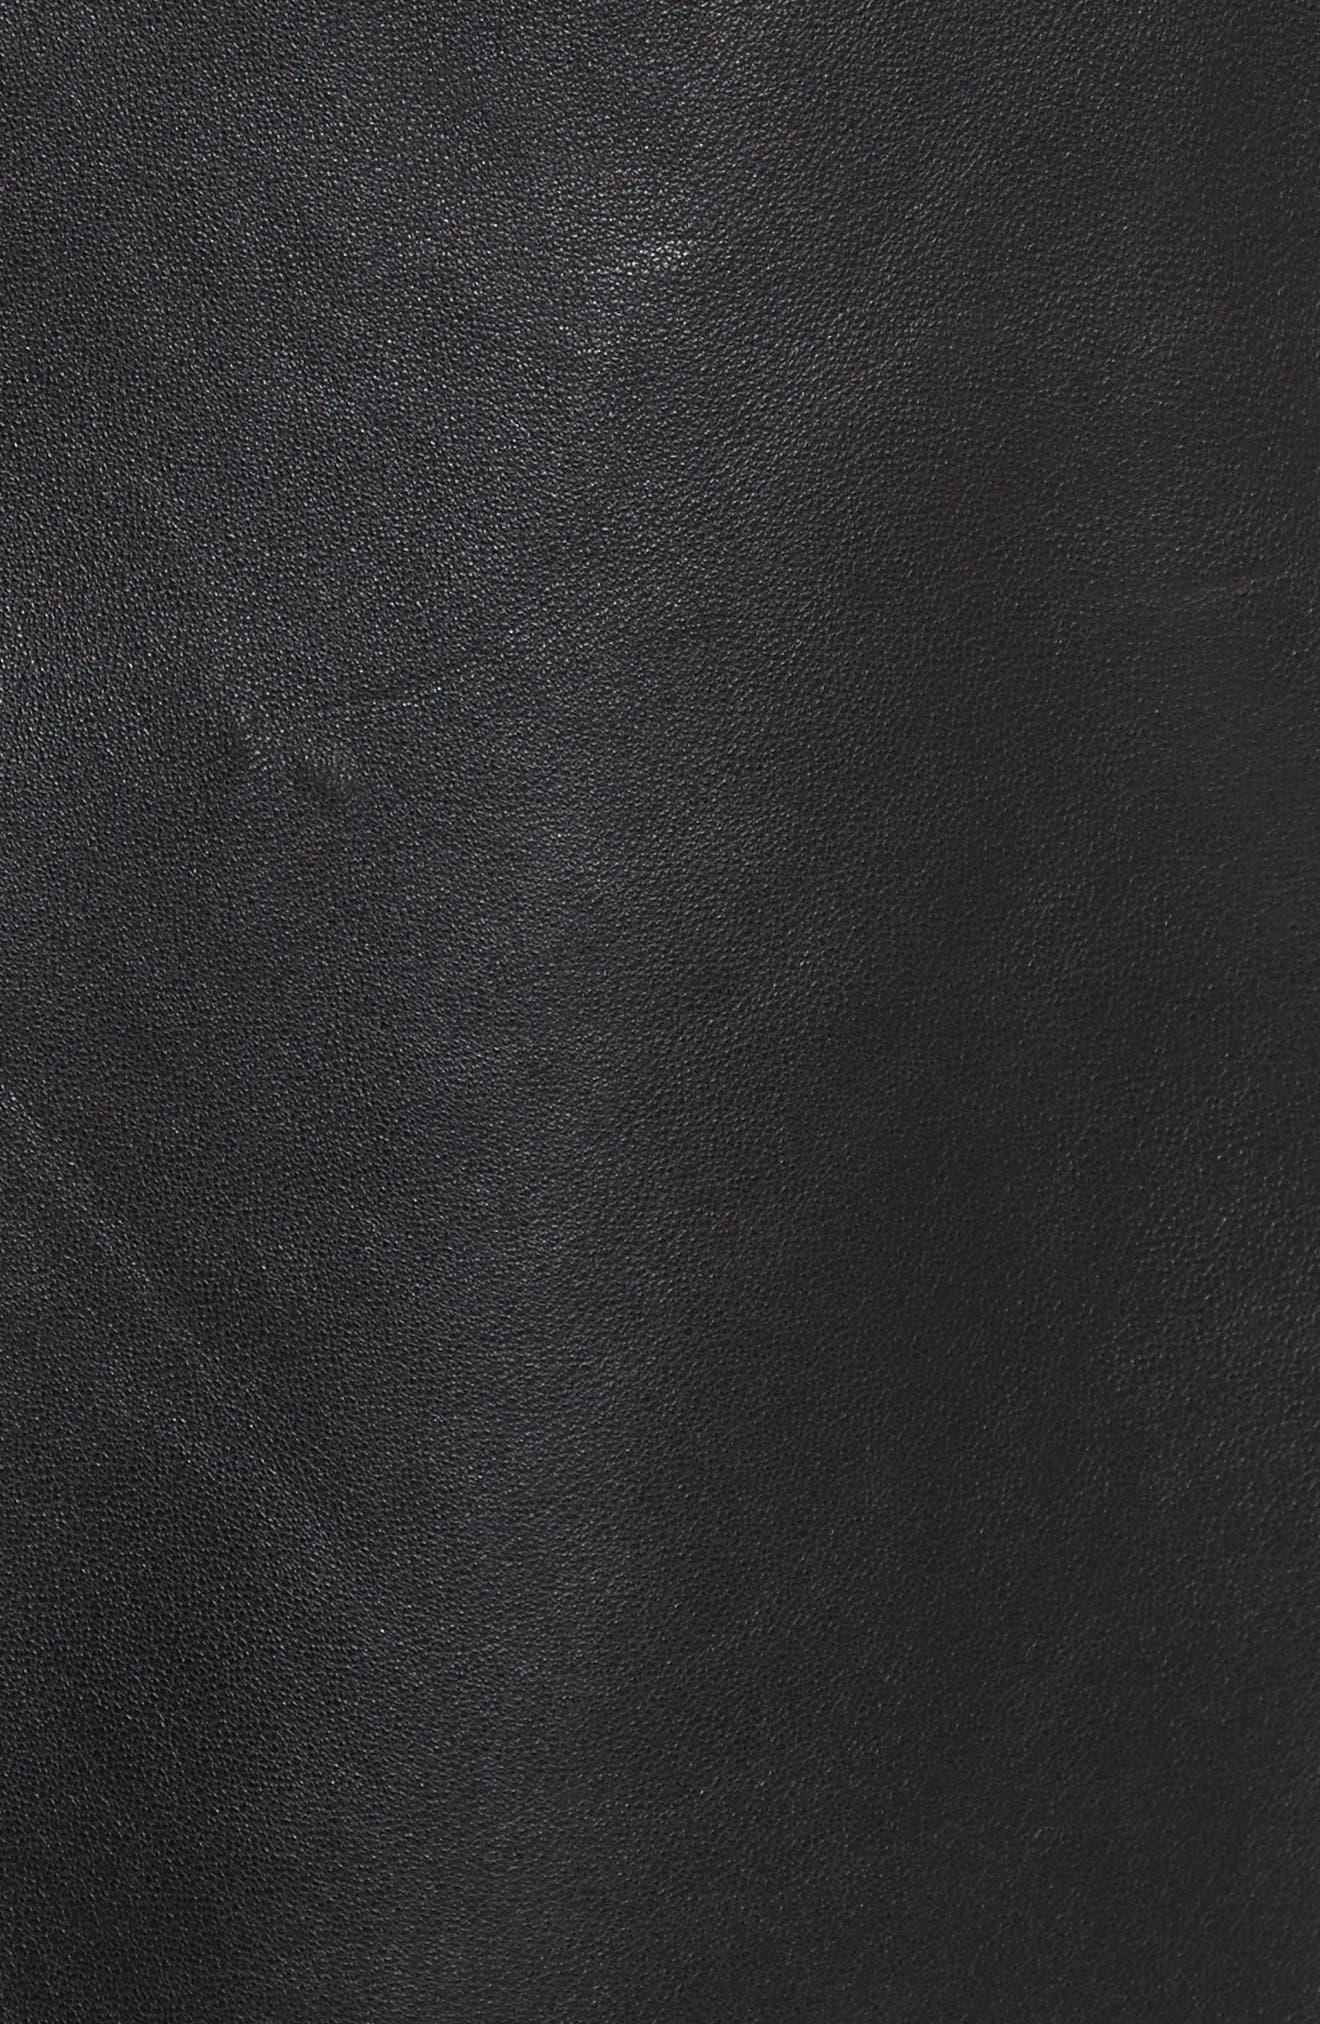 Racer Leather Miniskirt,                             Alternate thumbnail 5, color,                             002